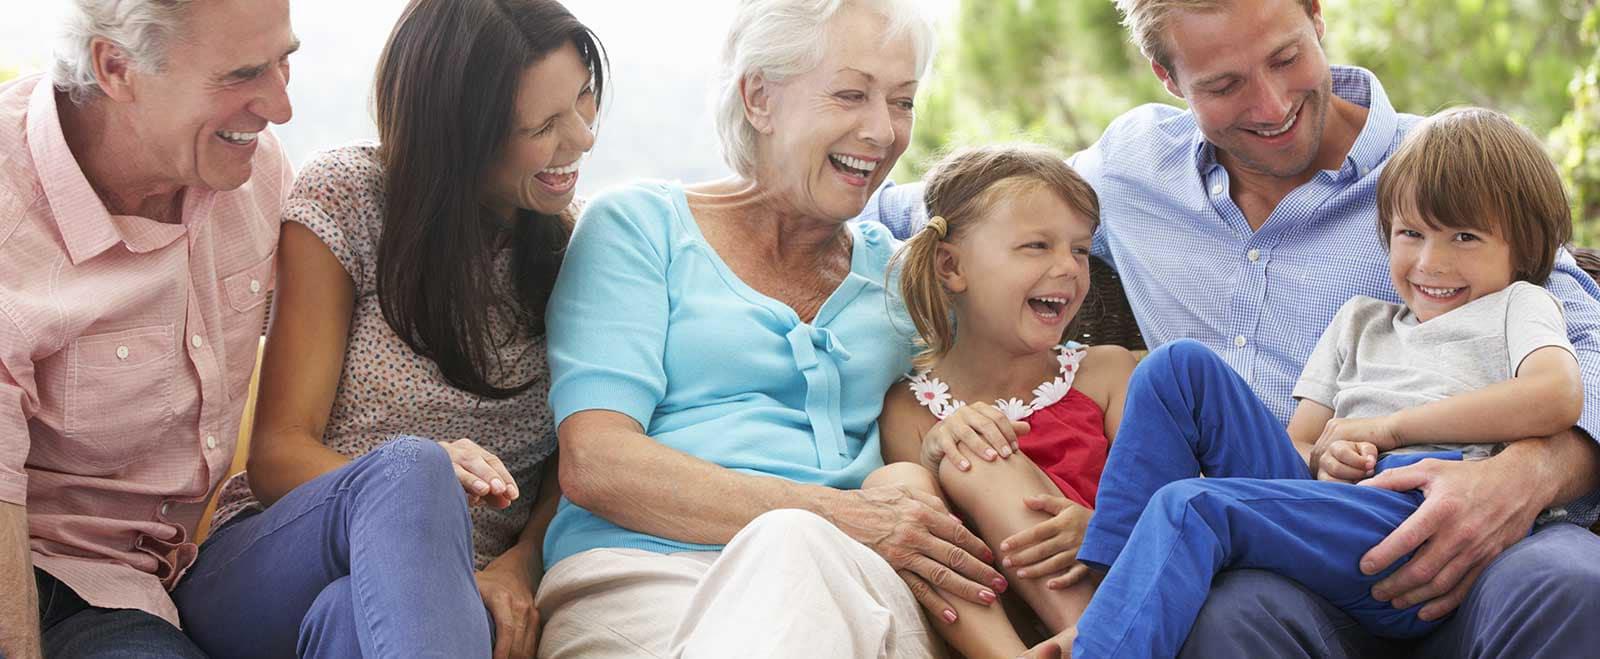 Famille-Multi-Generation avec parents, enfants et grands parents